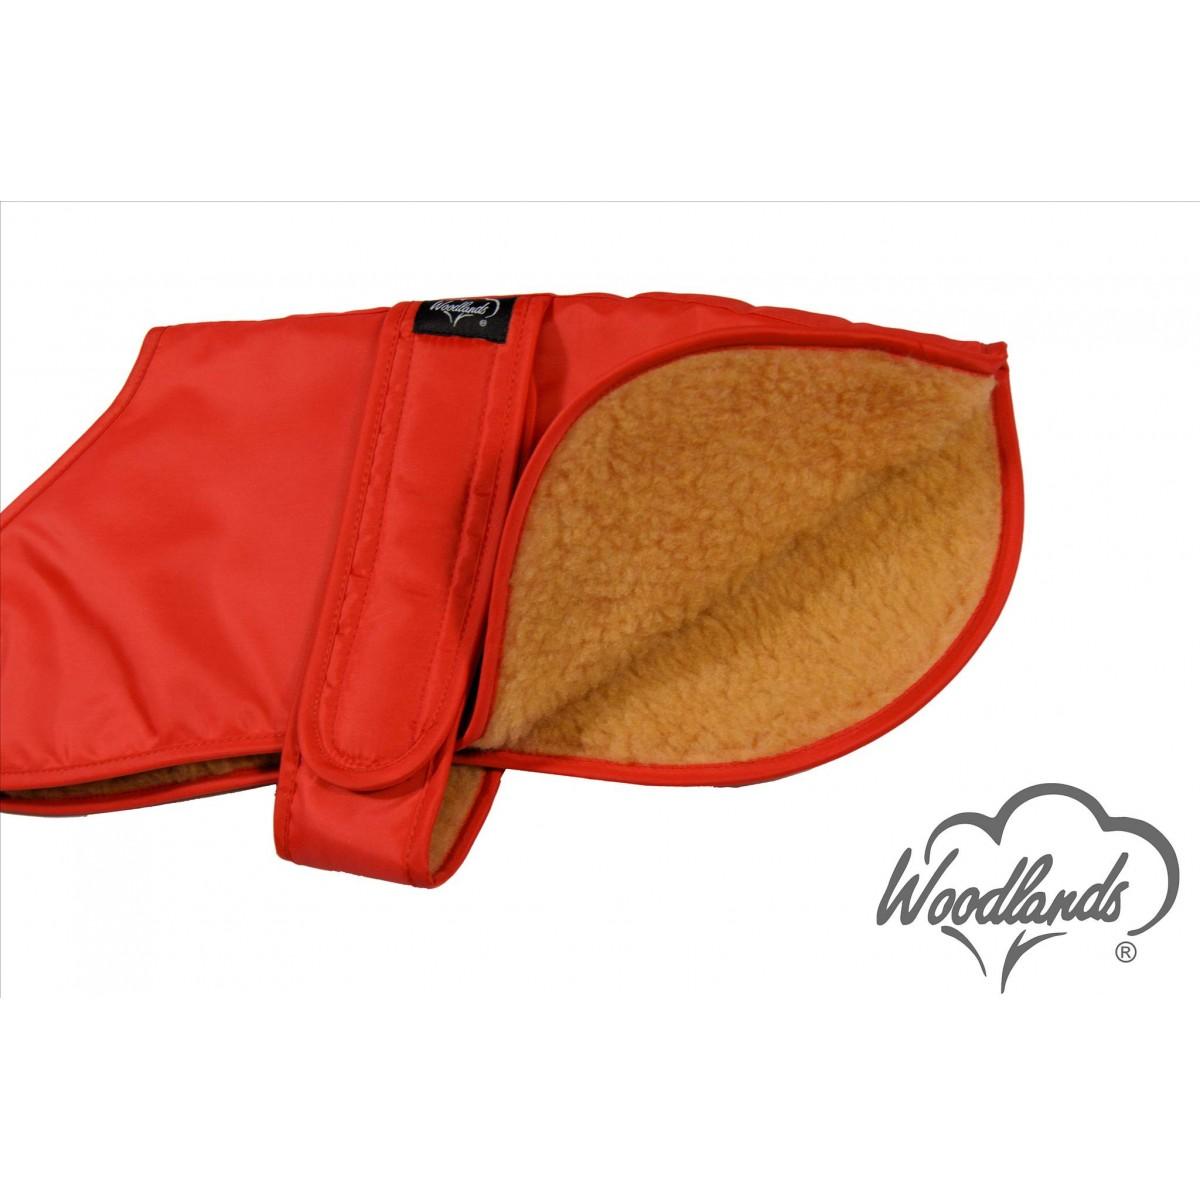 Fleece Lined Waterproof Dog Coats Uk